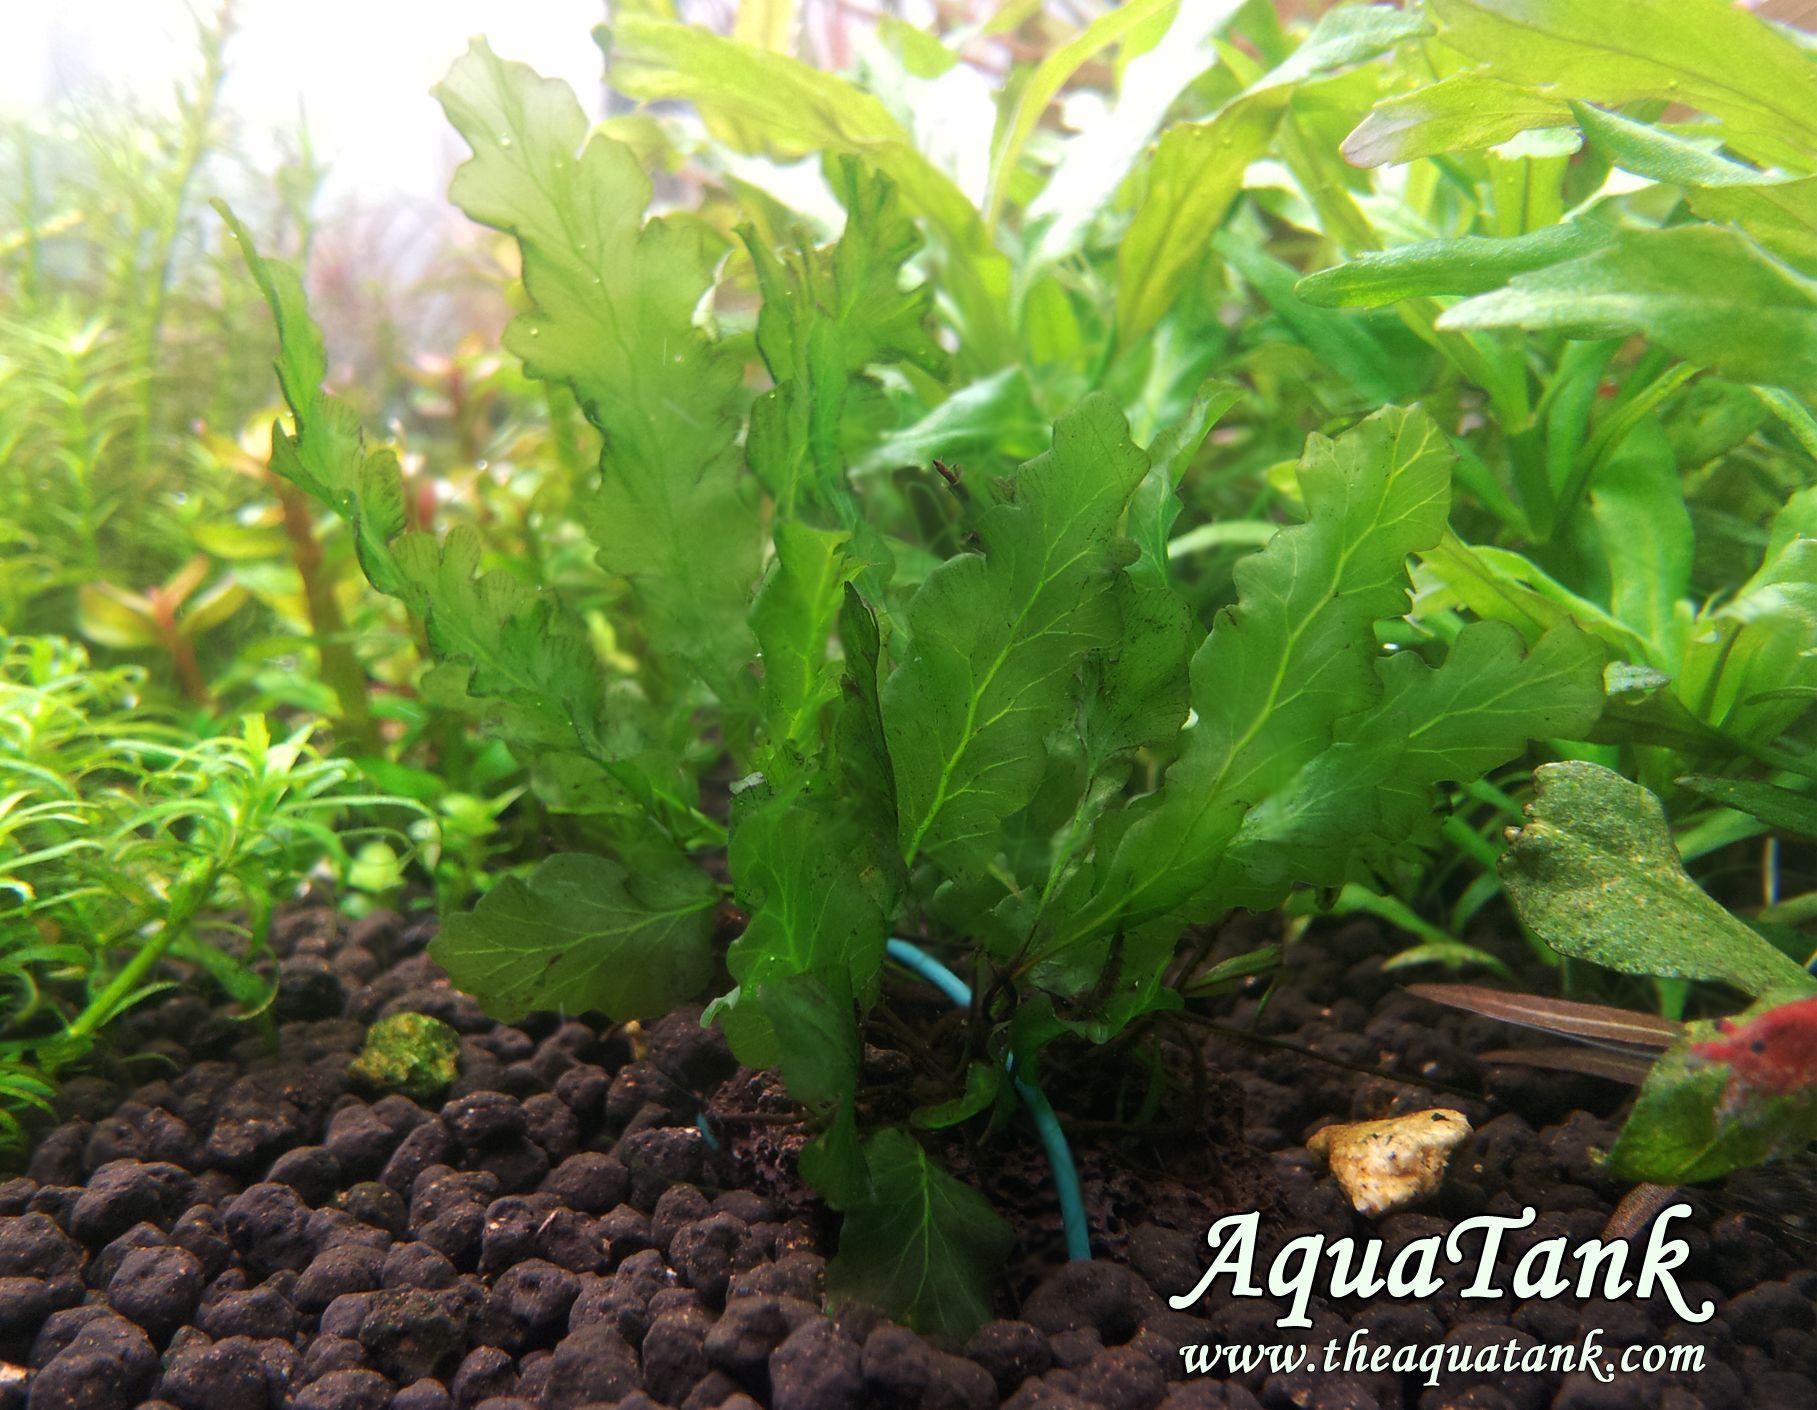 Bolbitis mini Trichomanes godmannii Aquascape plants